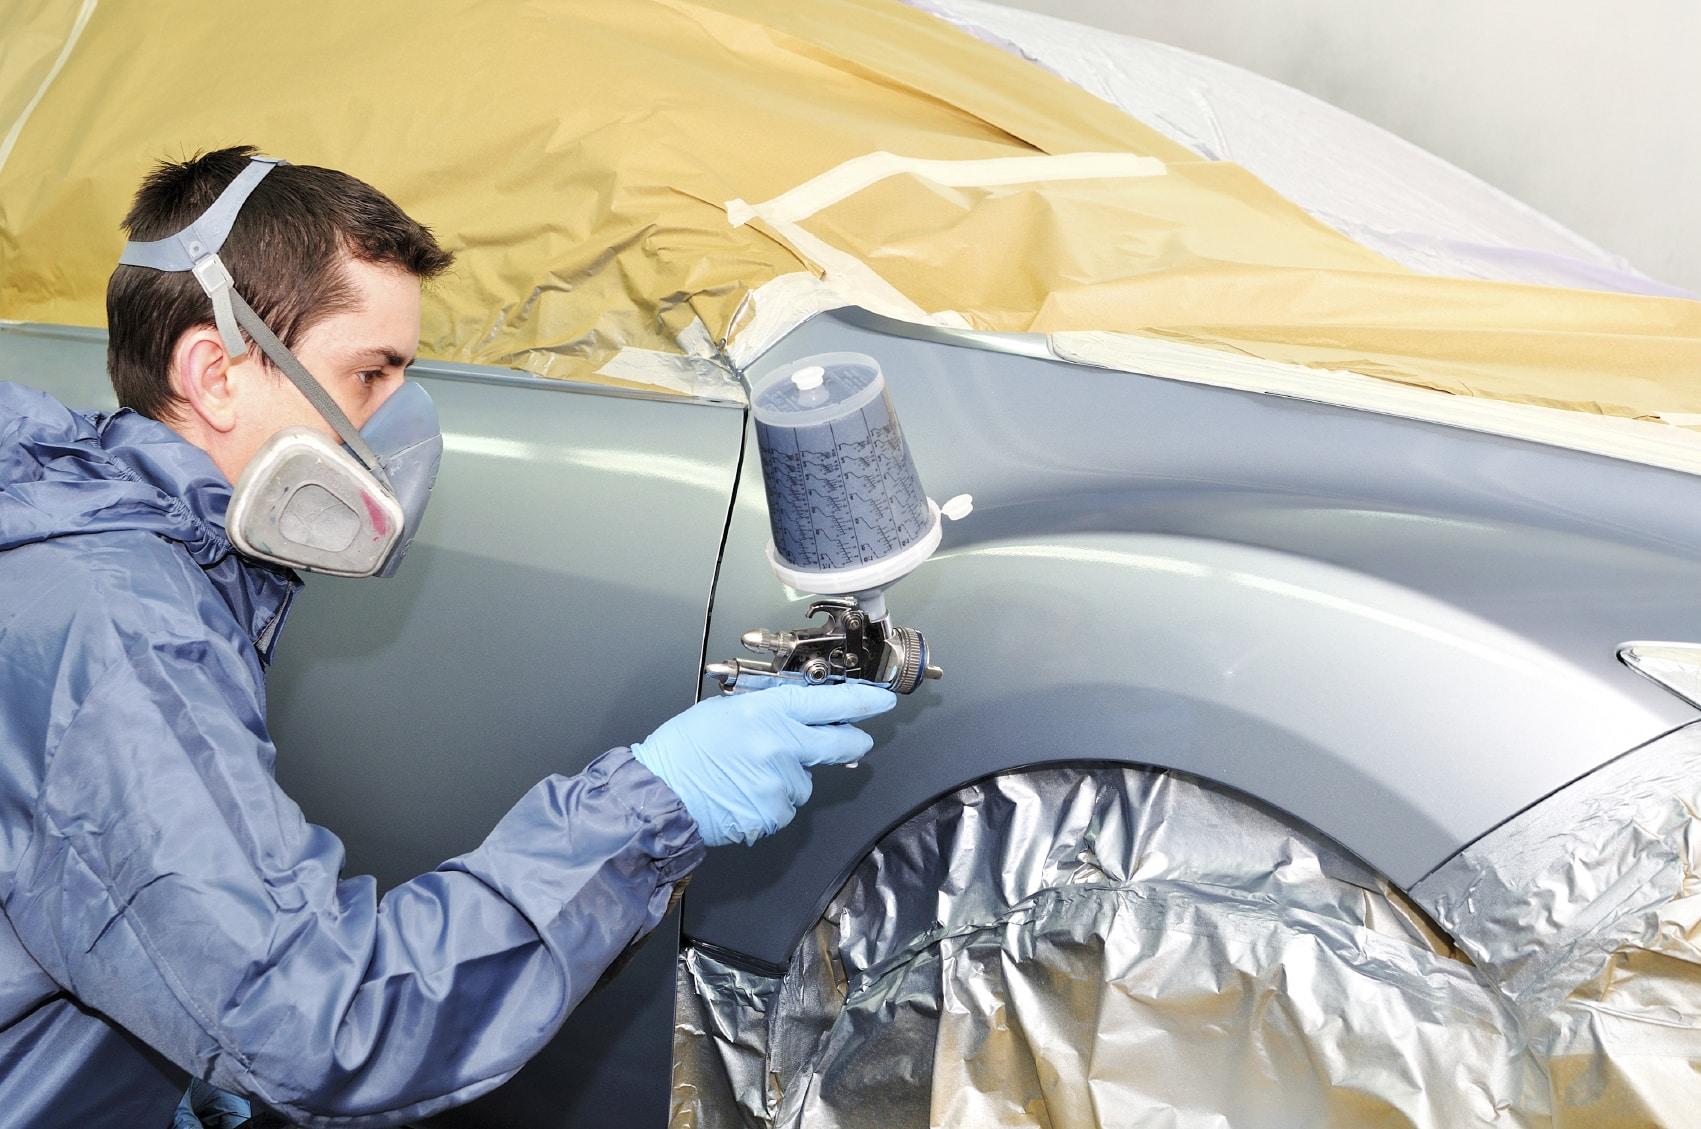 Виды автоэмалей, их свойства и особенности | Как подобрать цвет краски для автомобиля